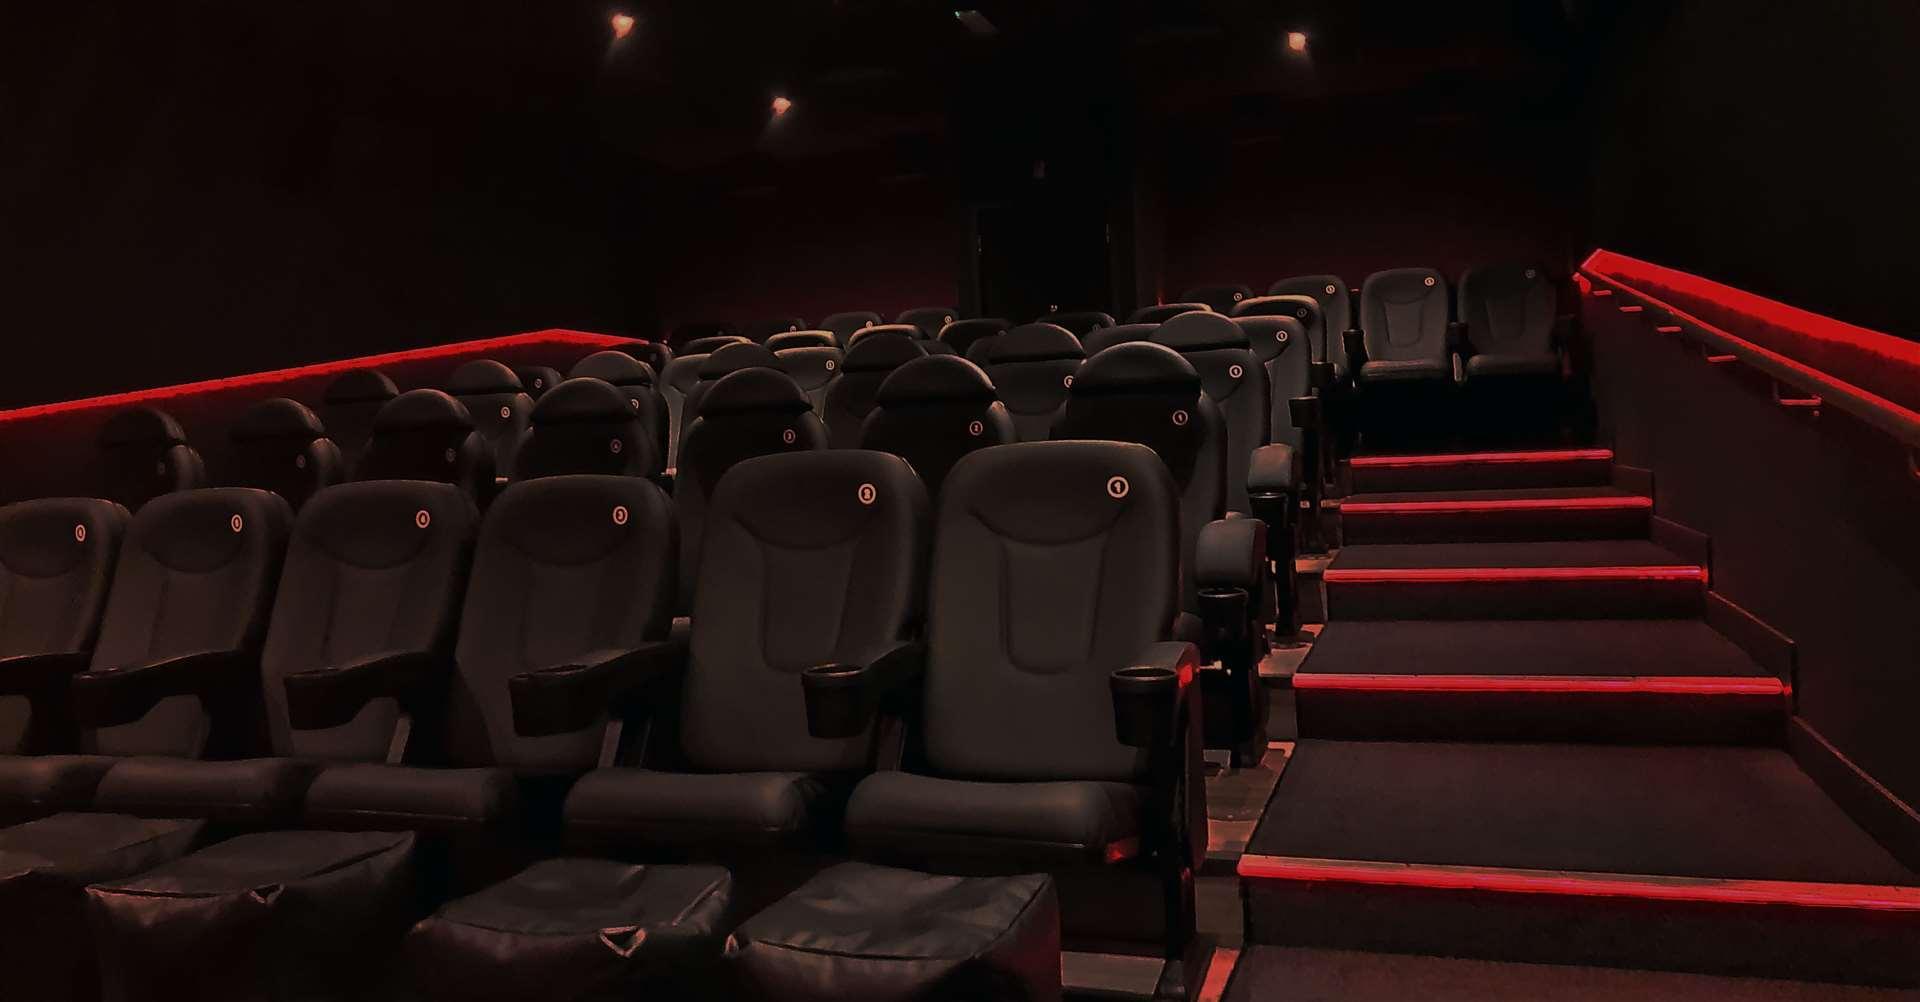 Cinemarsh opens in two weeks